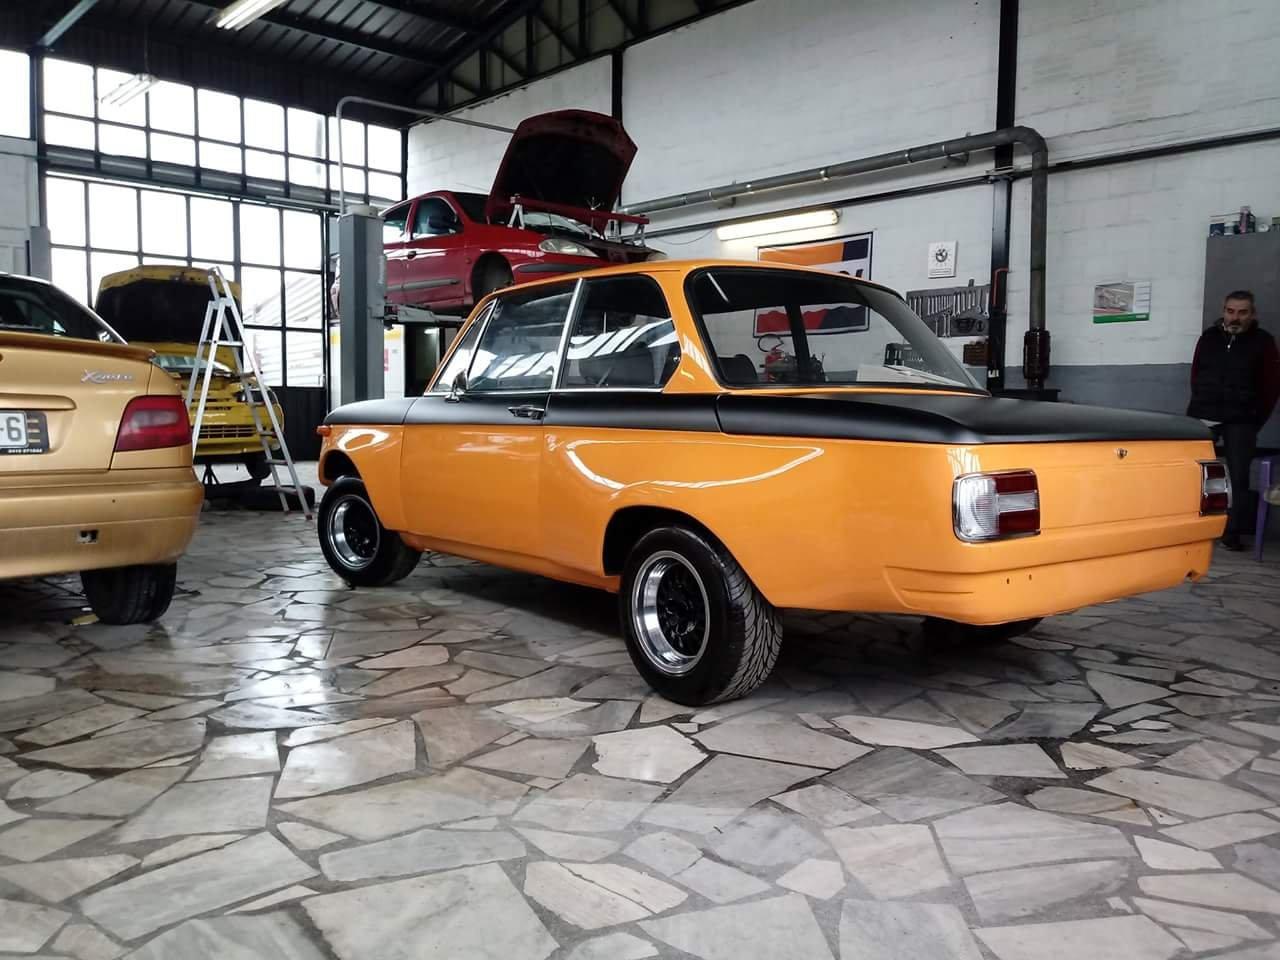 BMW 2002 Alpina replica (11/1975) For Sale (picture 2 of 6)